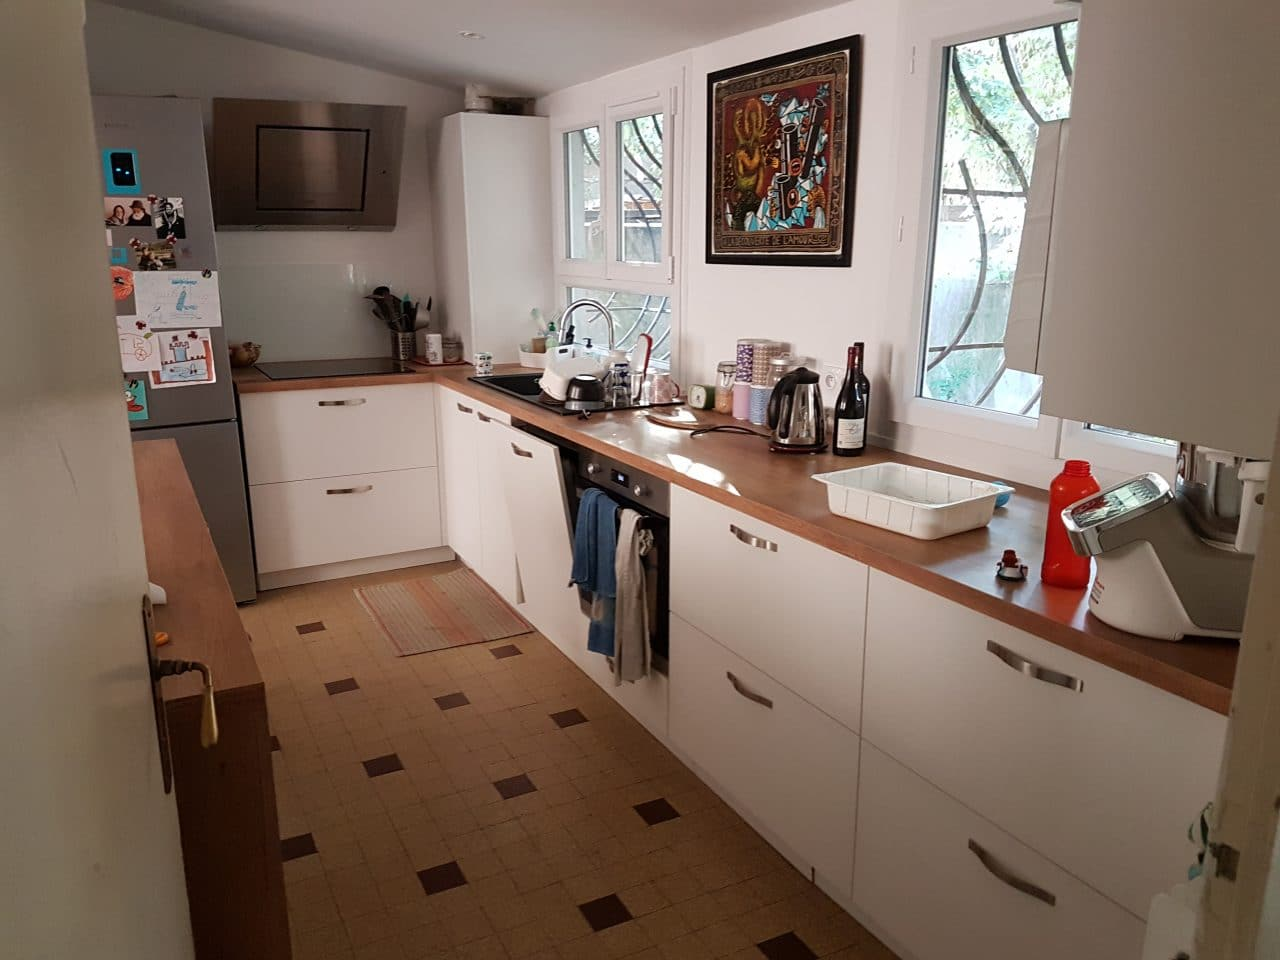 Faux Plafond Cuisine Ilot maison entièrement rénovée à lyon 5 (69) - un projet illico travaux